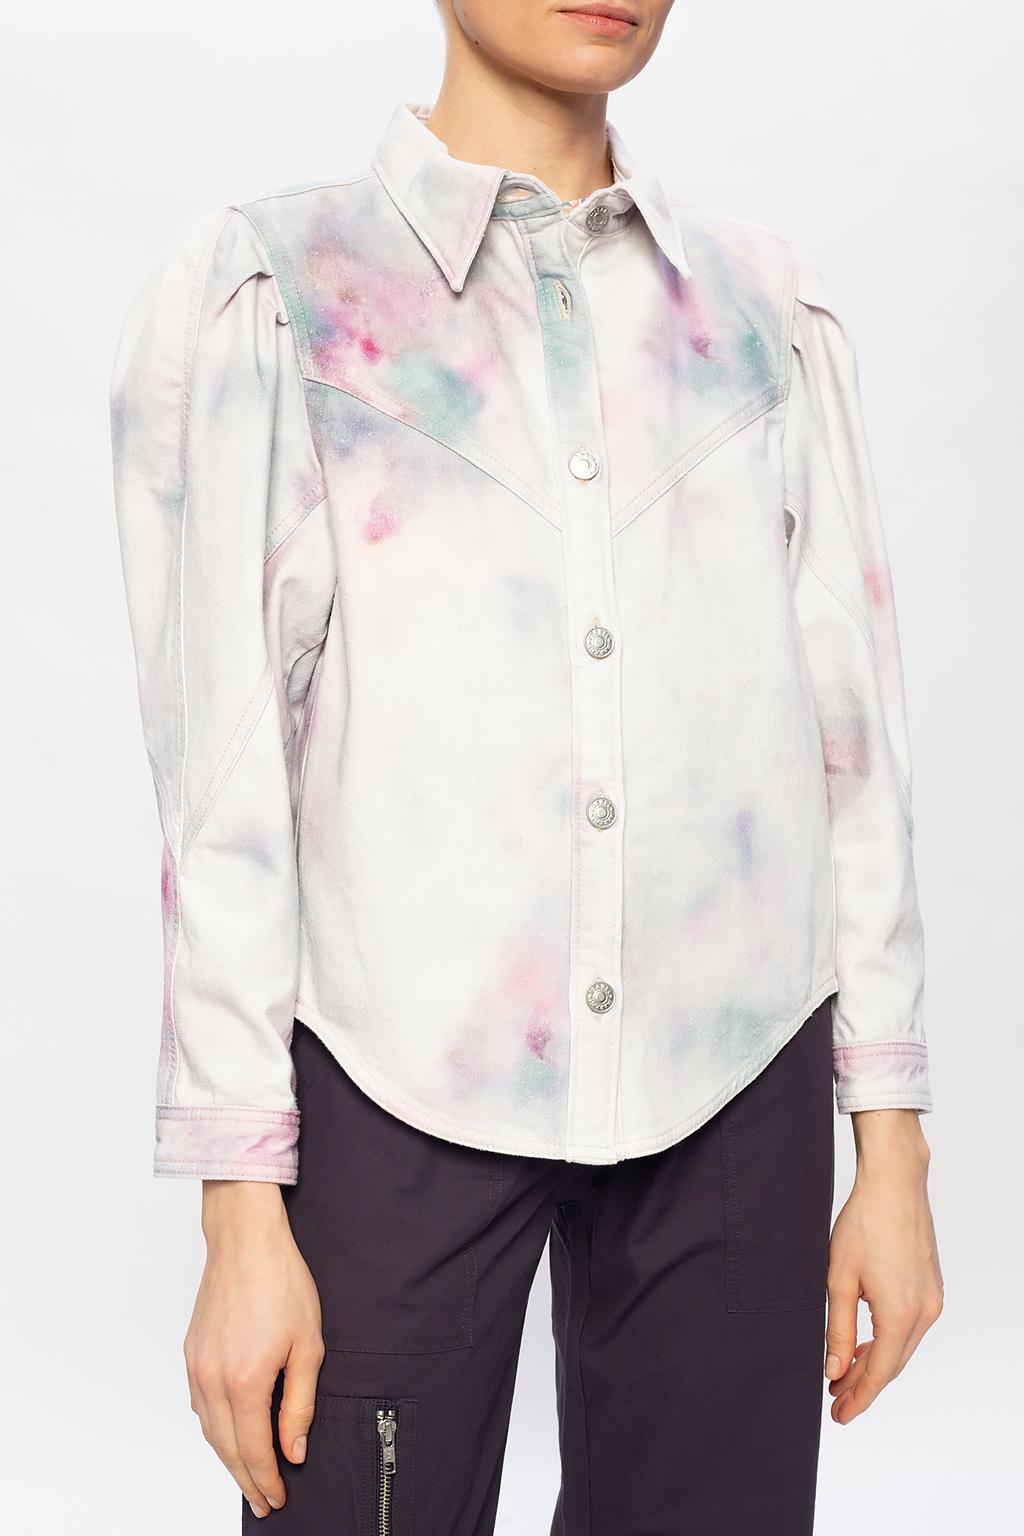 Isabel Marant Etoile Jacket with pockets